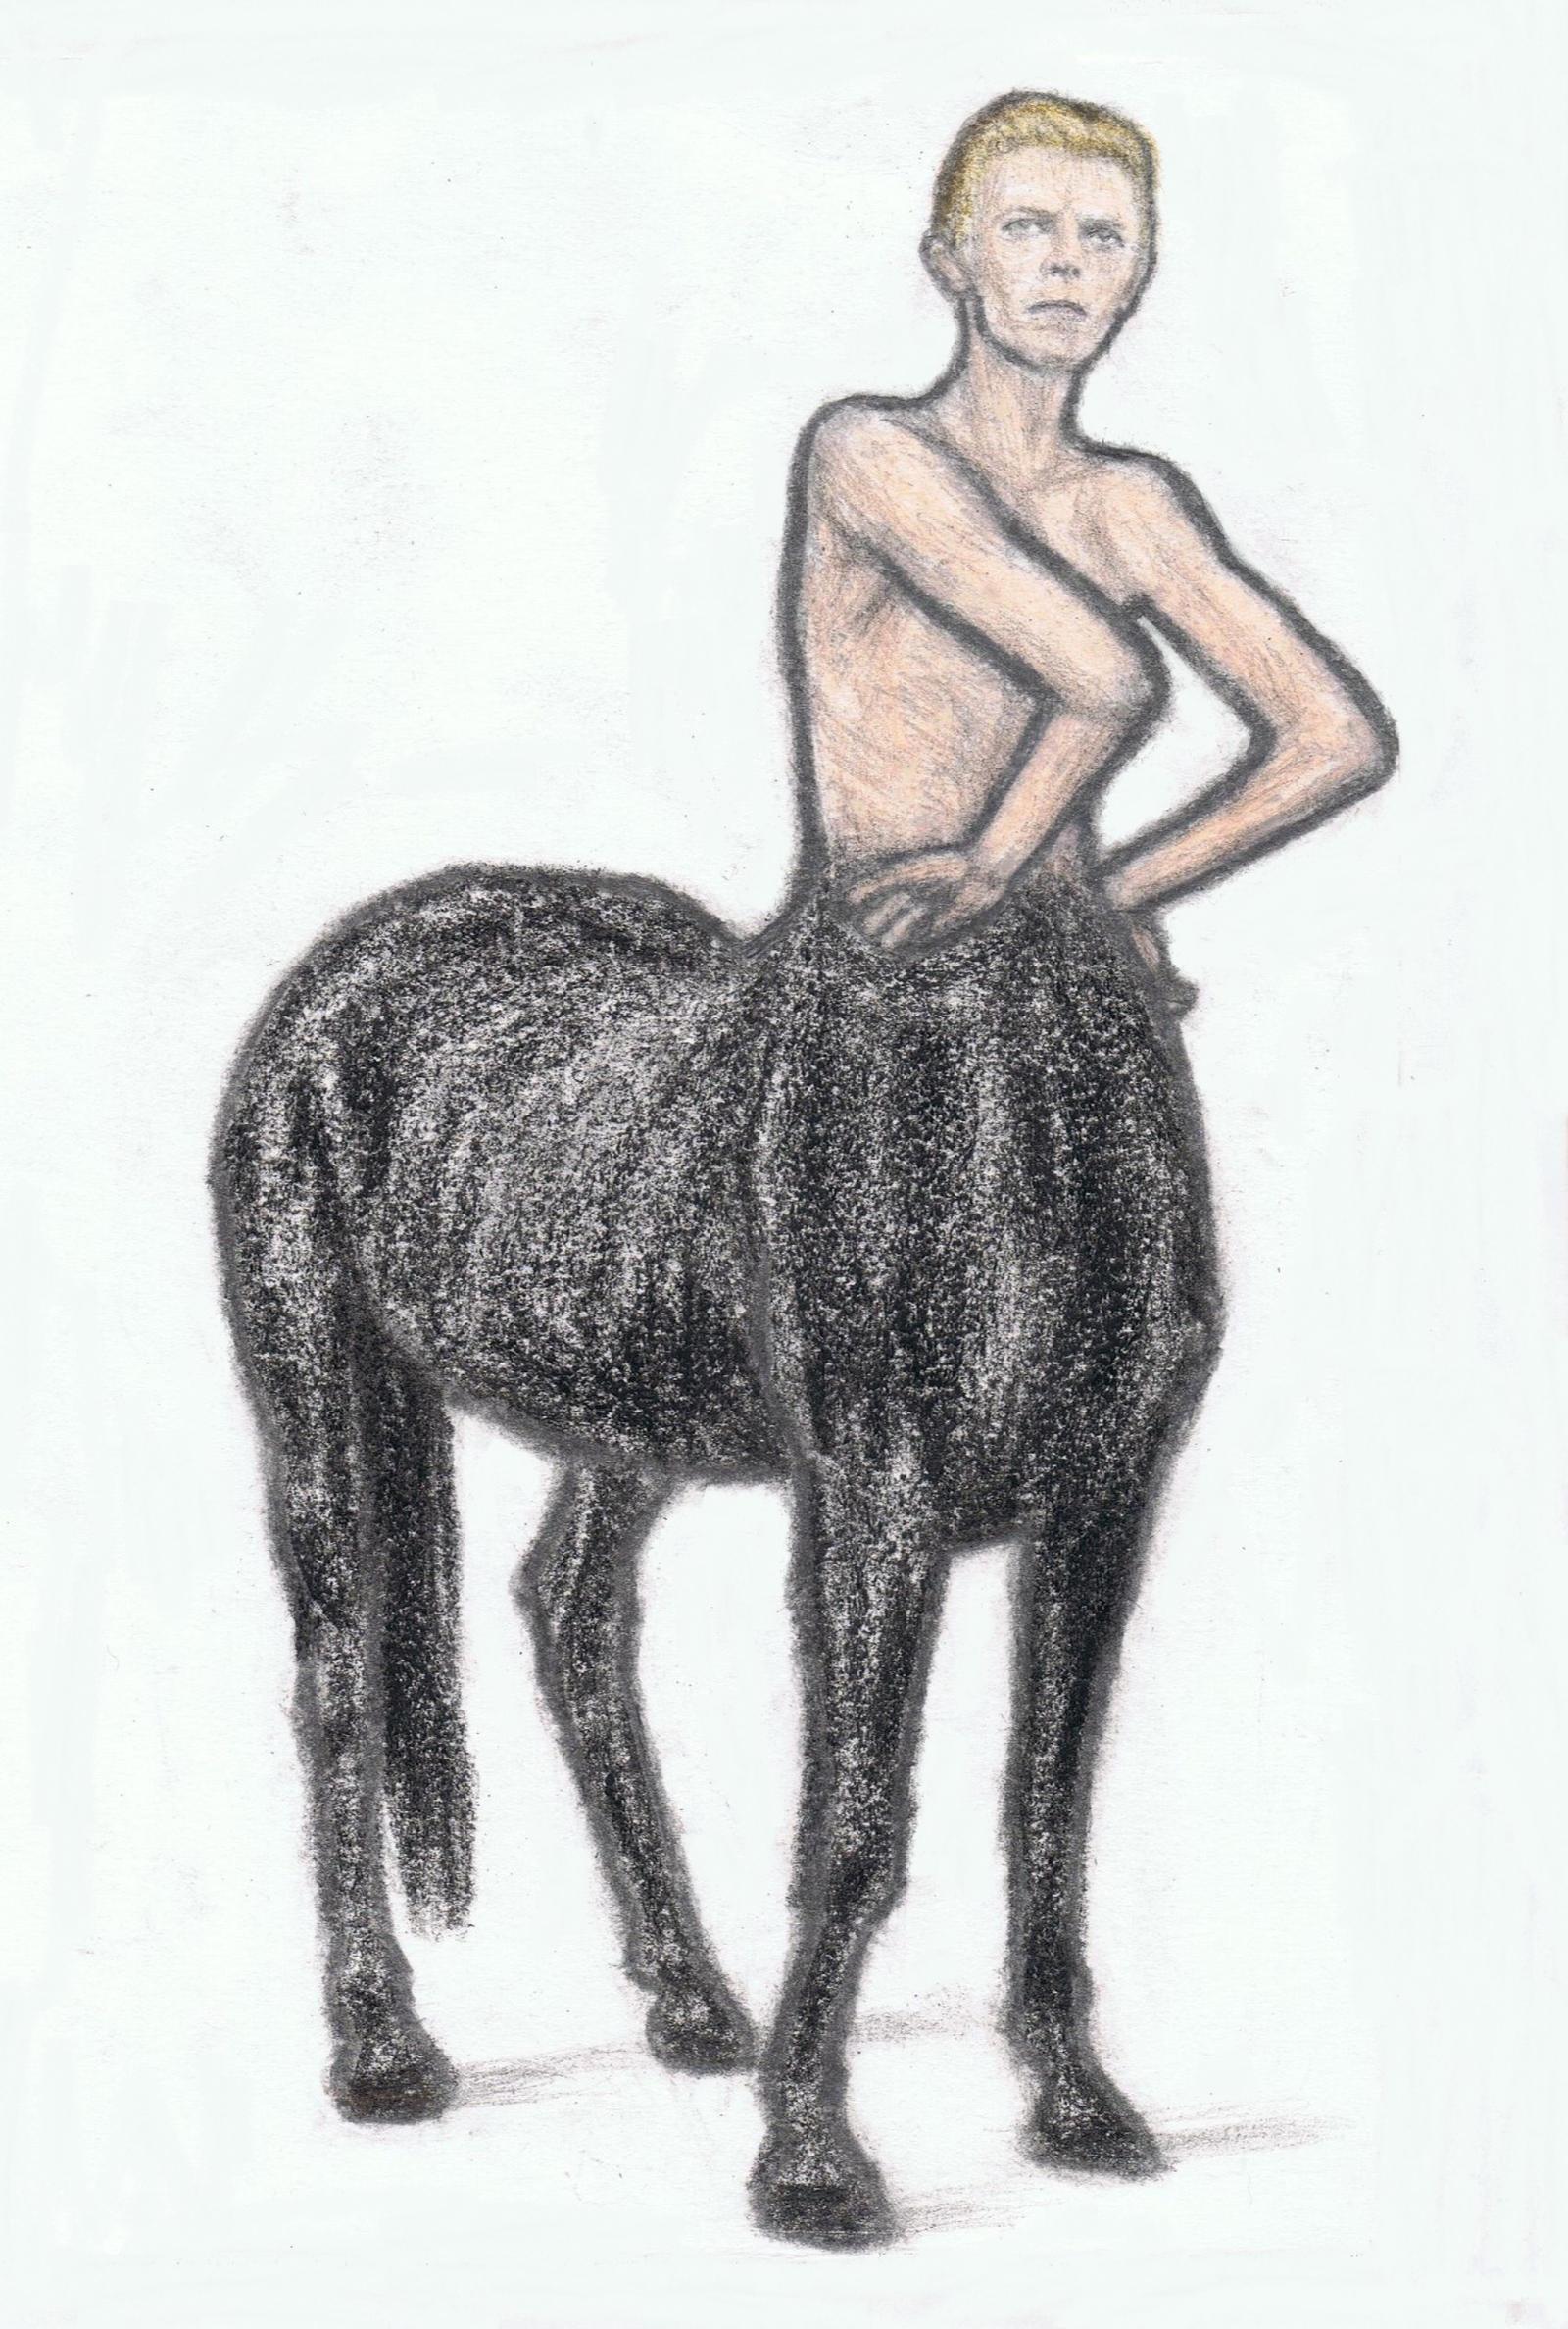 David Bowie as a centaur by gagambo